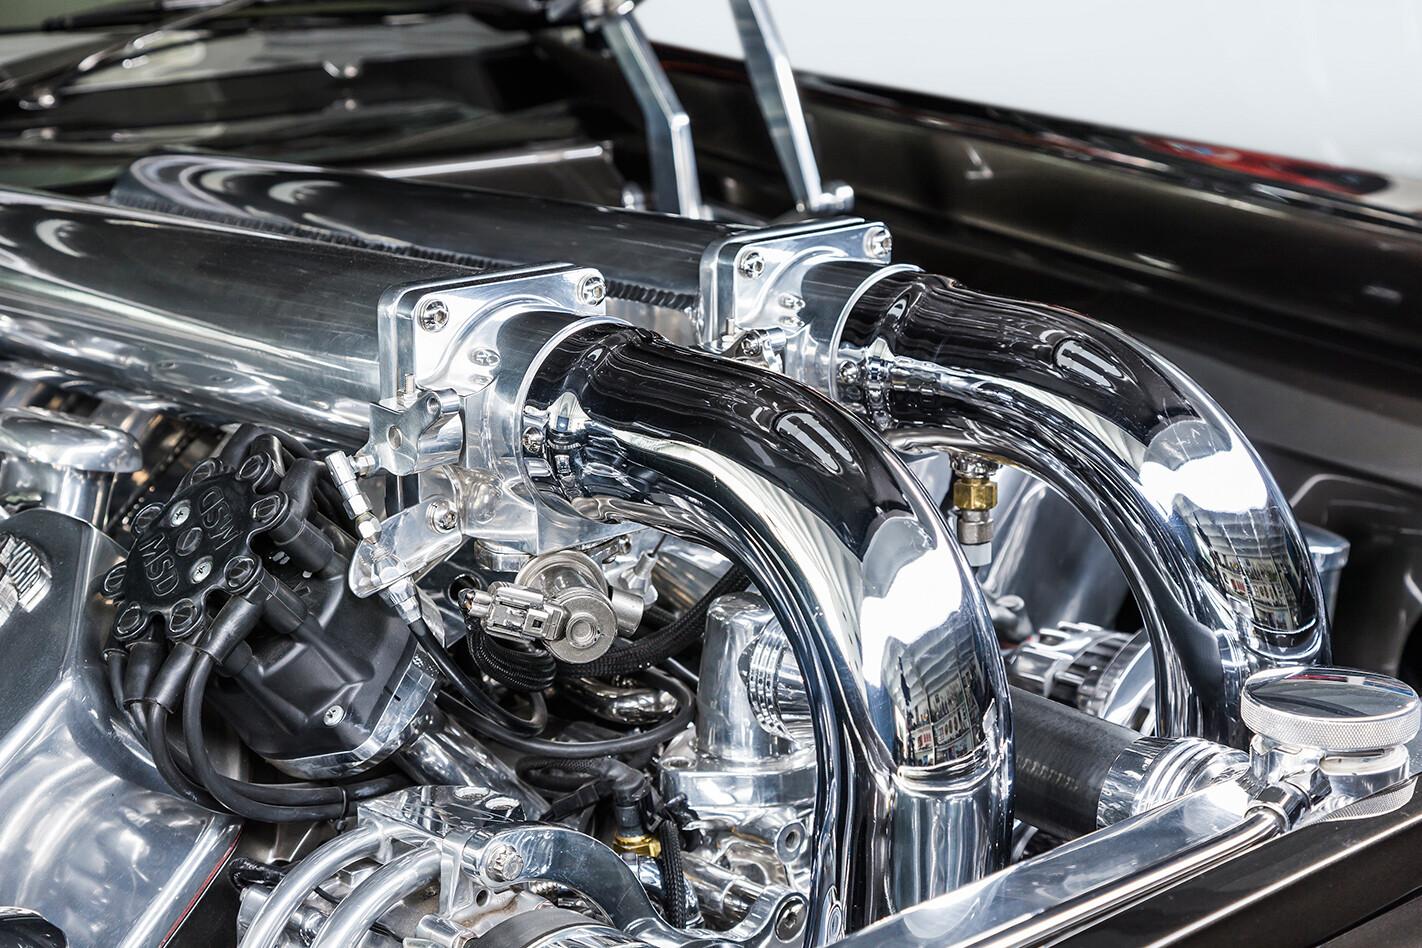 King Kong Cuda engine details